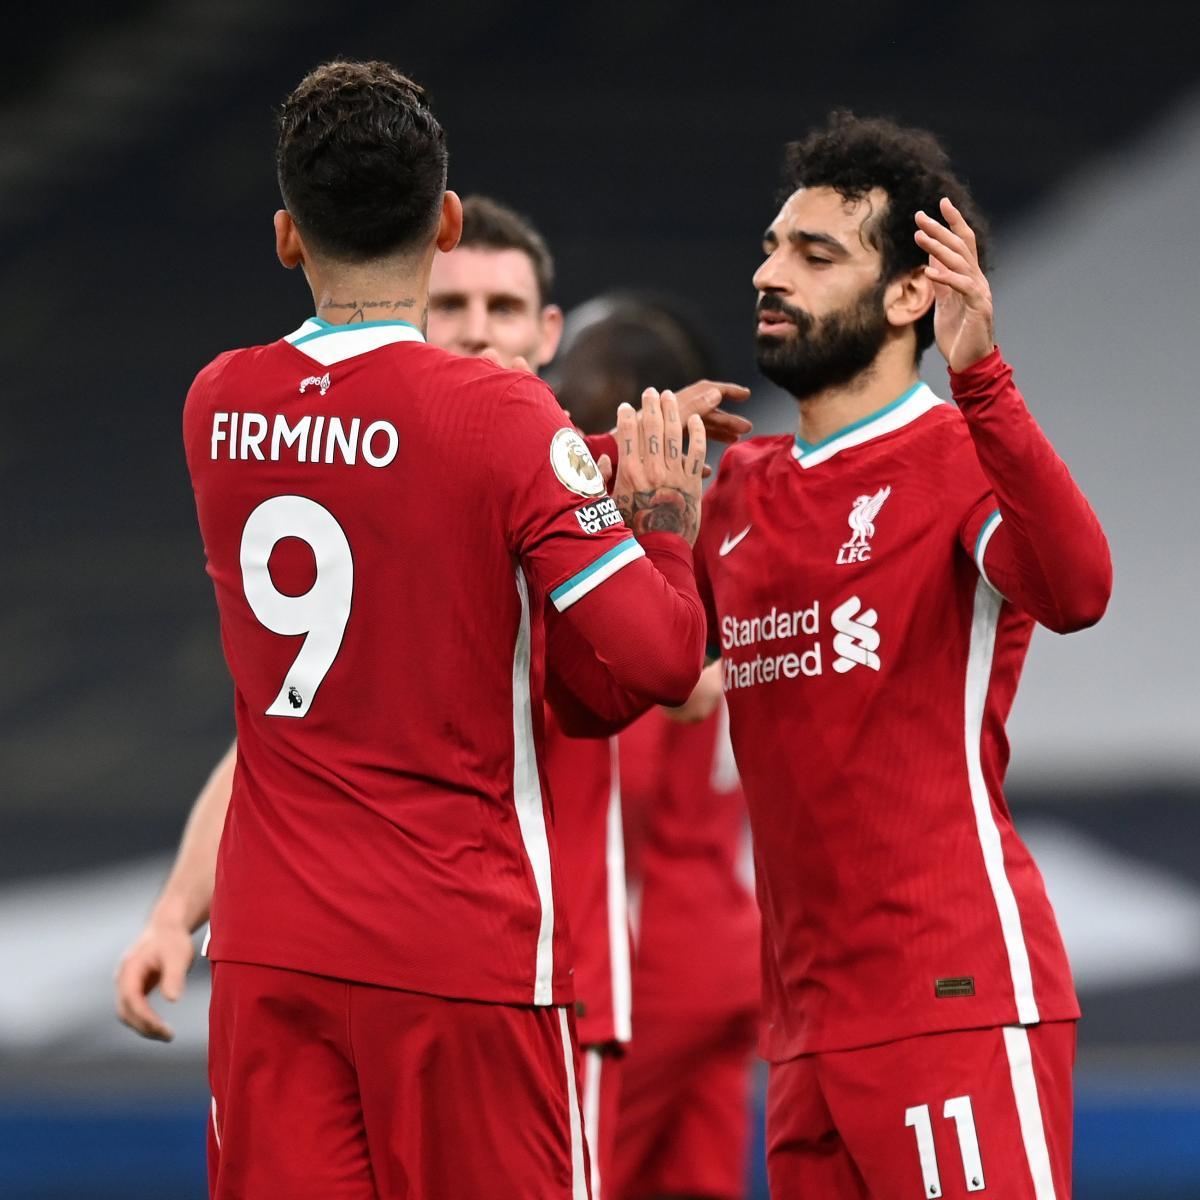 Roberto volvió a ser Firmino / FOTO: Liverpool FC